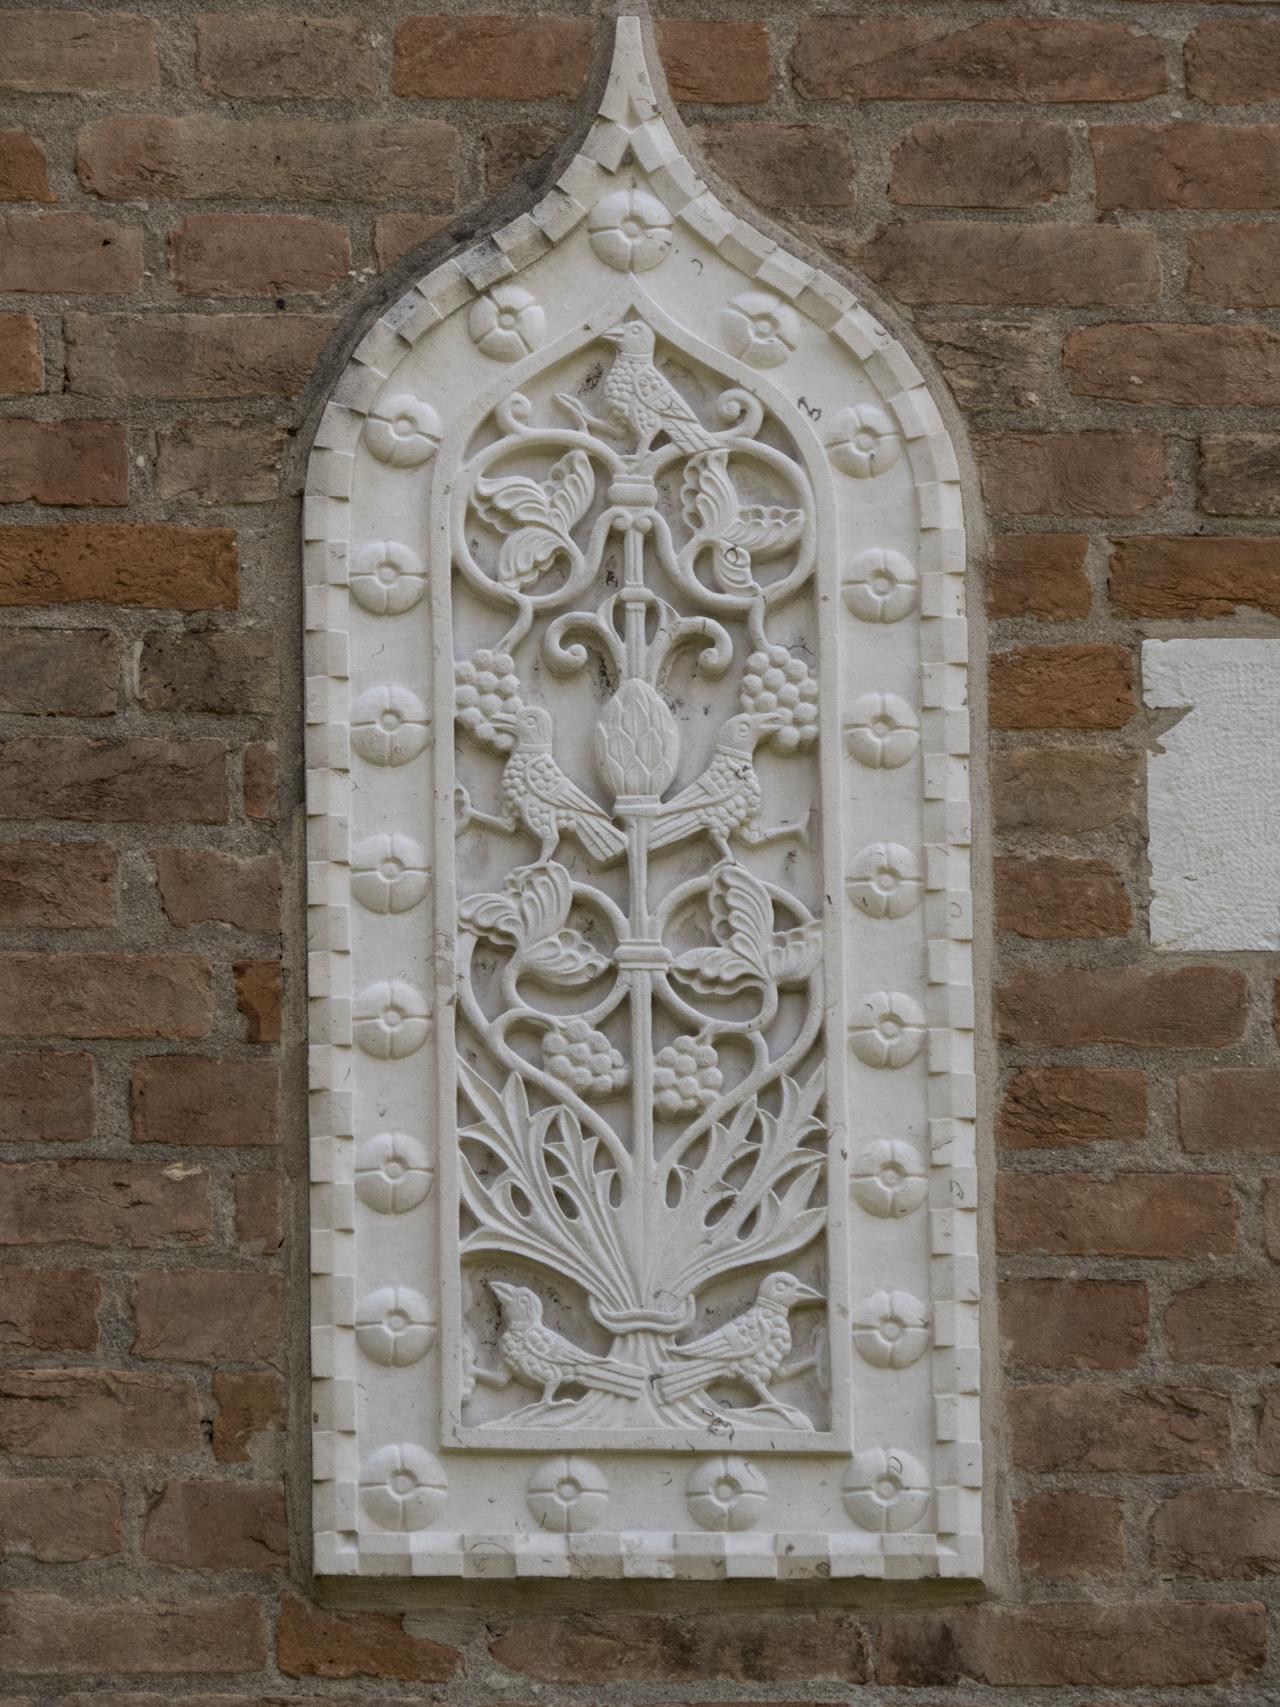 uccelli, albero, motivi decorativi a rosette e a dentelli (formella, serie) - ambito veneziano (sec. XX)